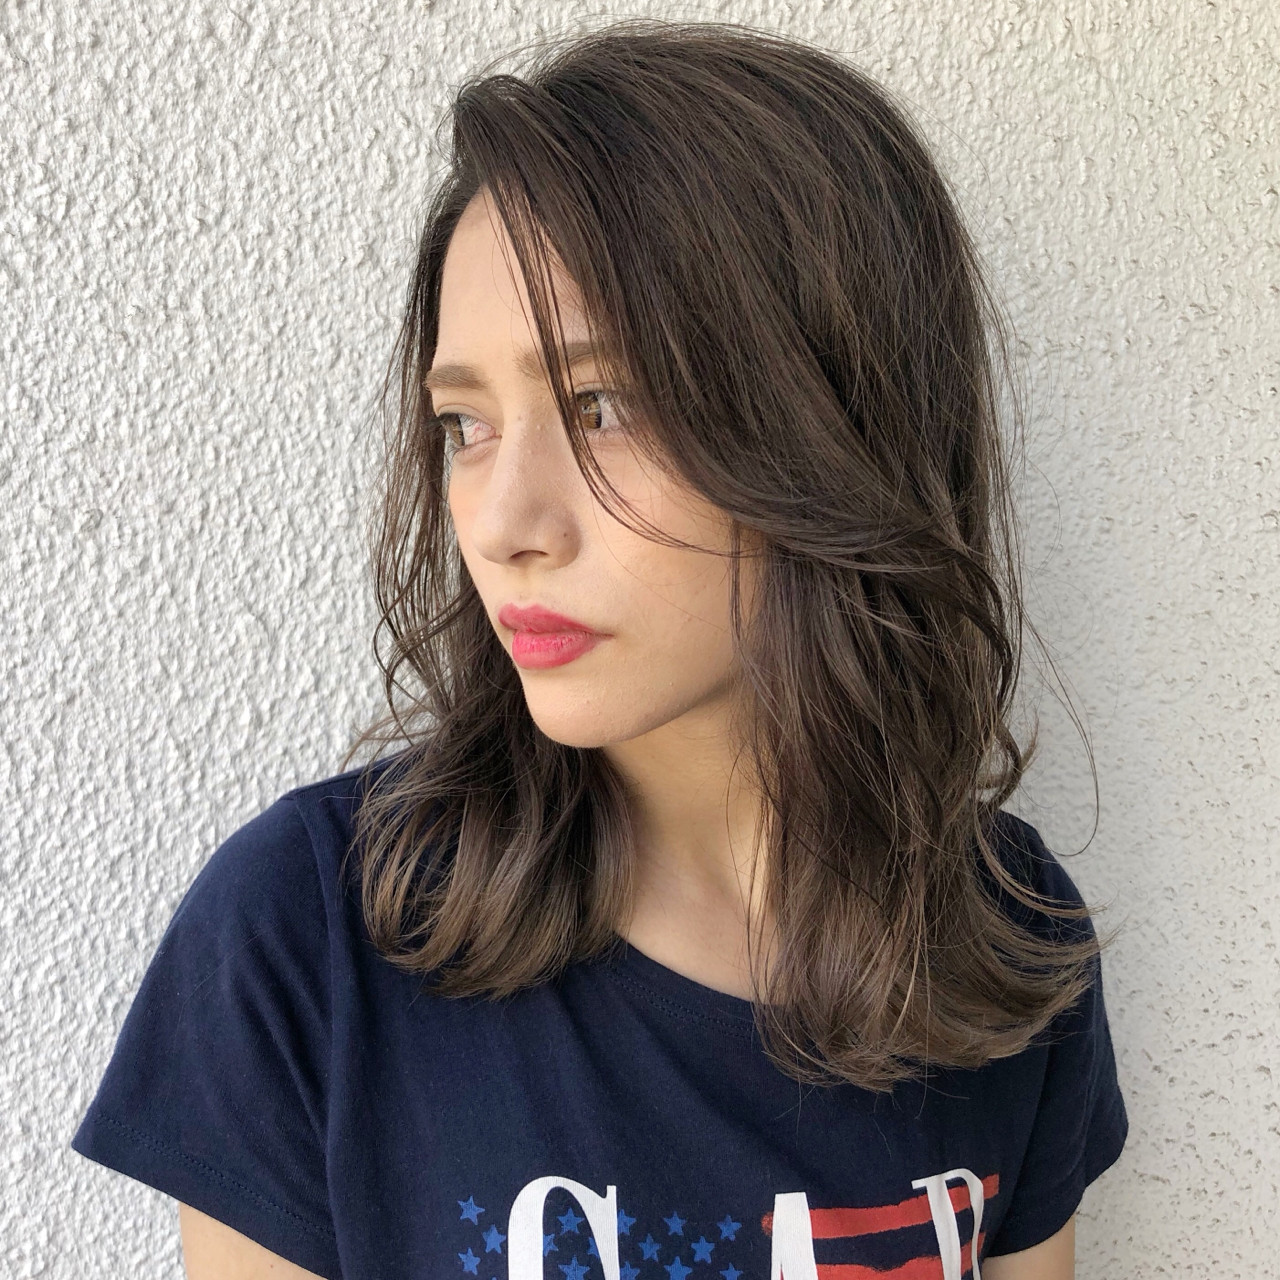 セミロング バレイヤージュ ハイライト 外国人風 ヘアスタイルや髪型の写真・画像